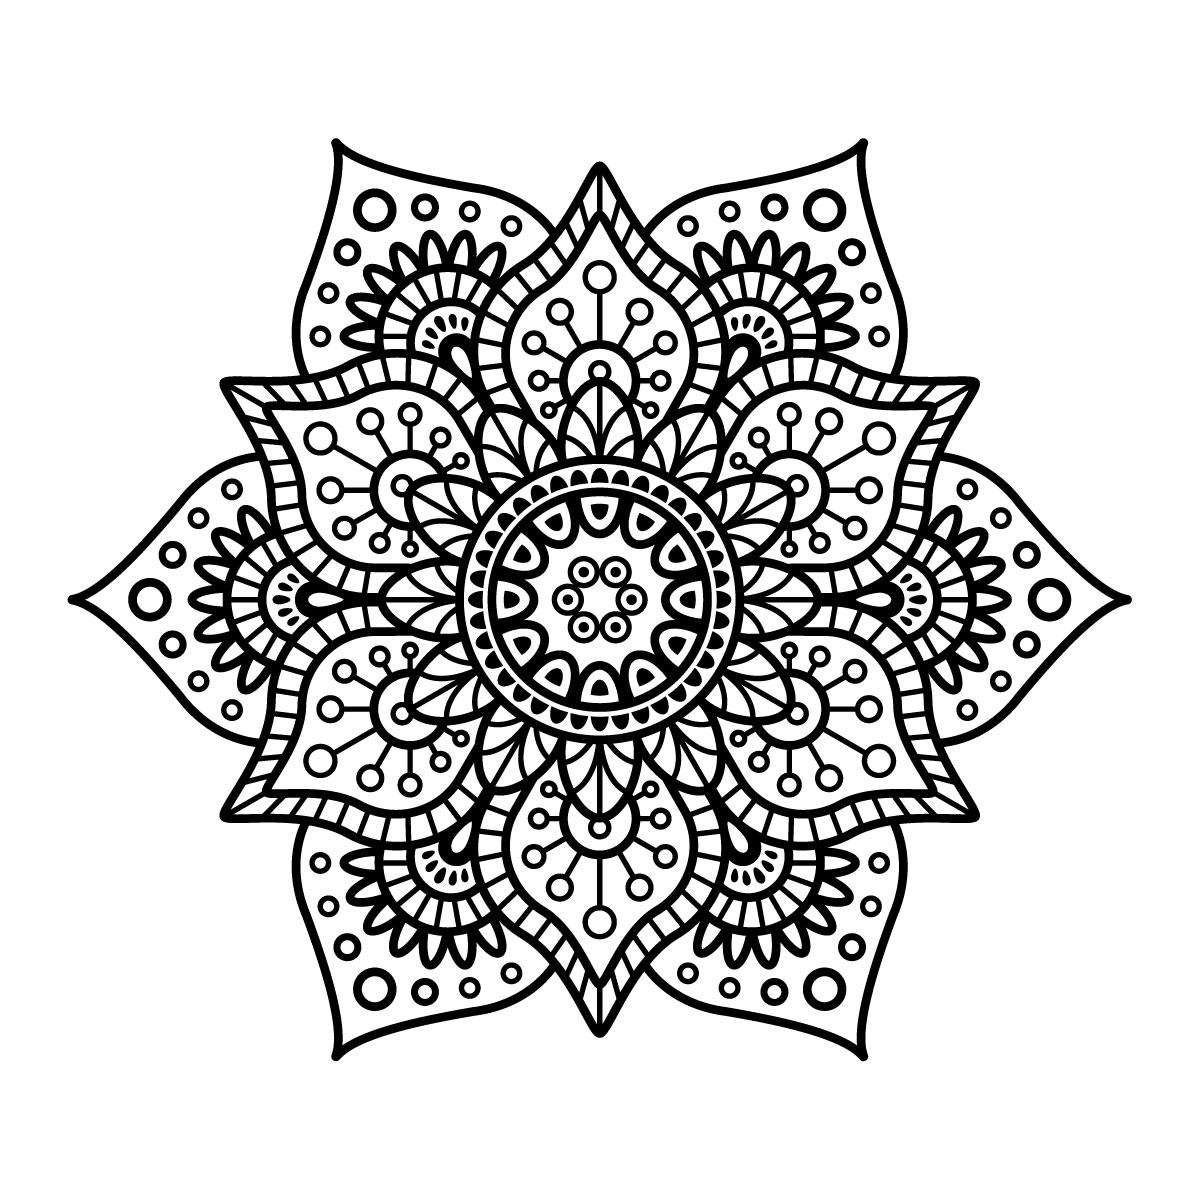 Ausmalbilder-Mandala-6 - Wunderbare Bilder in Ausmalbilder Mandala